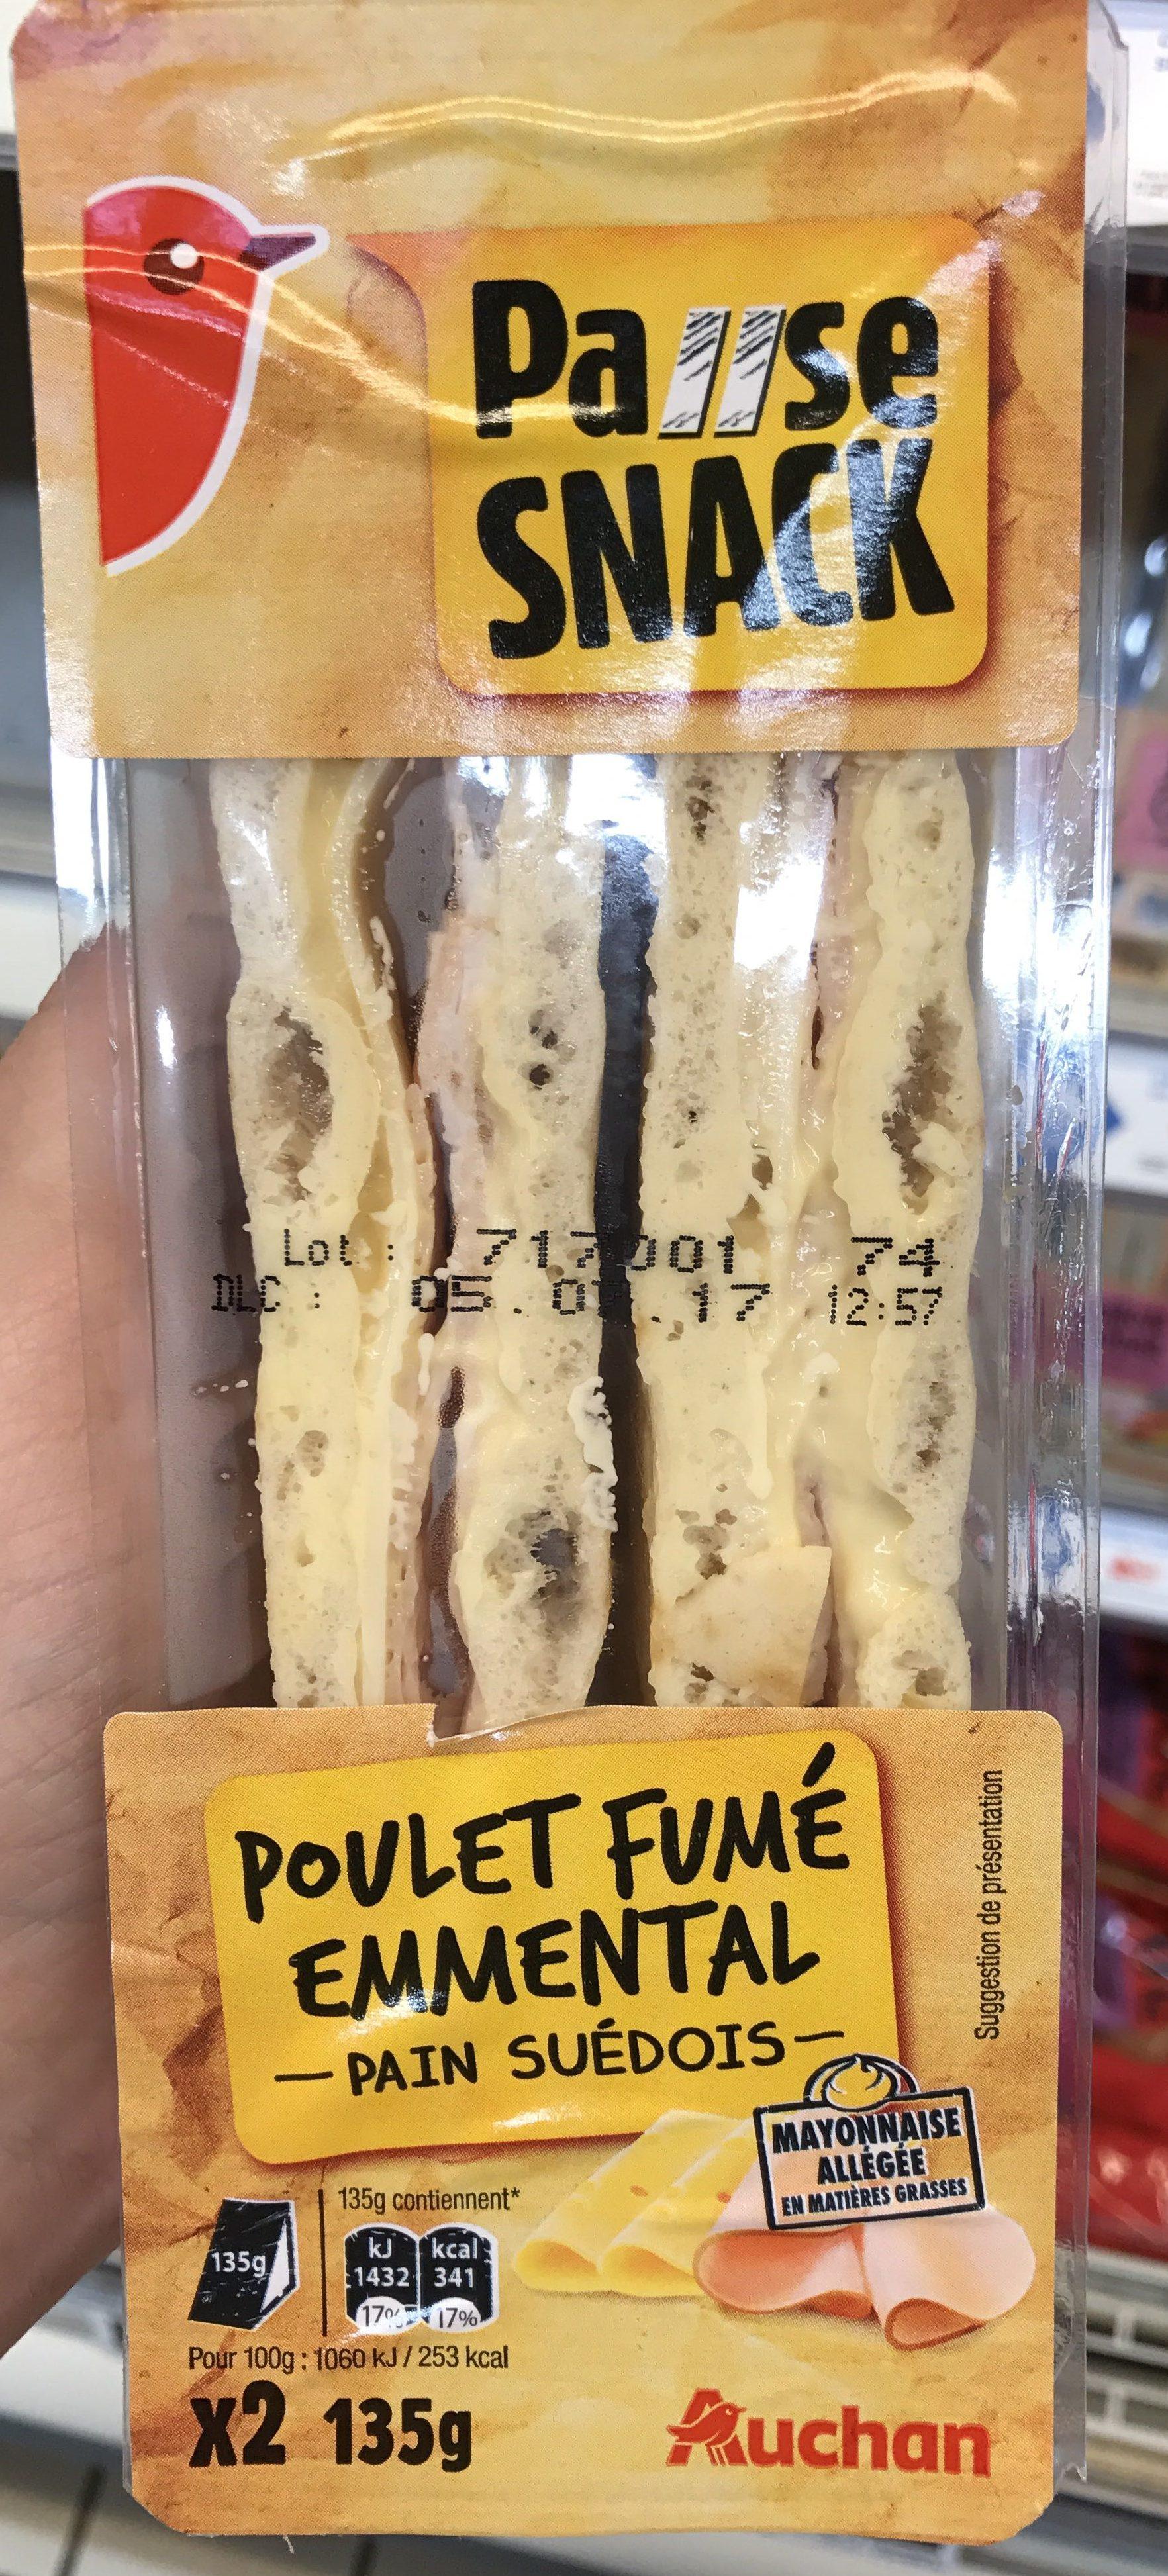 Pause Snack Poulet Fumé Emmental - Product